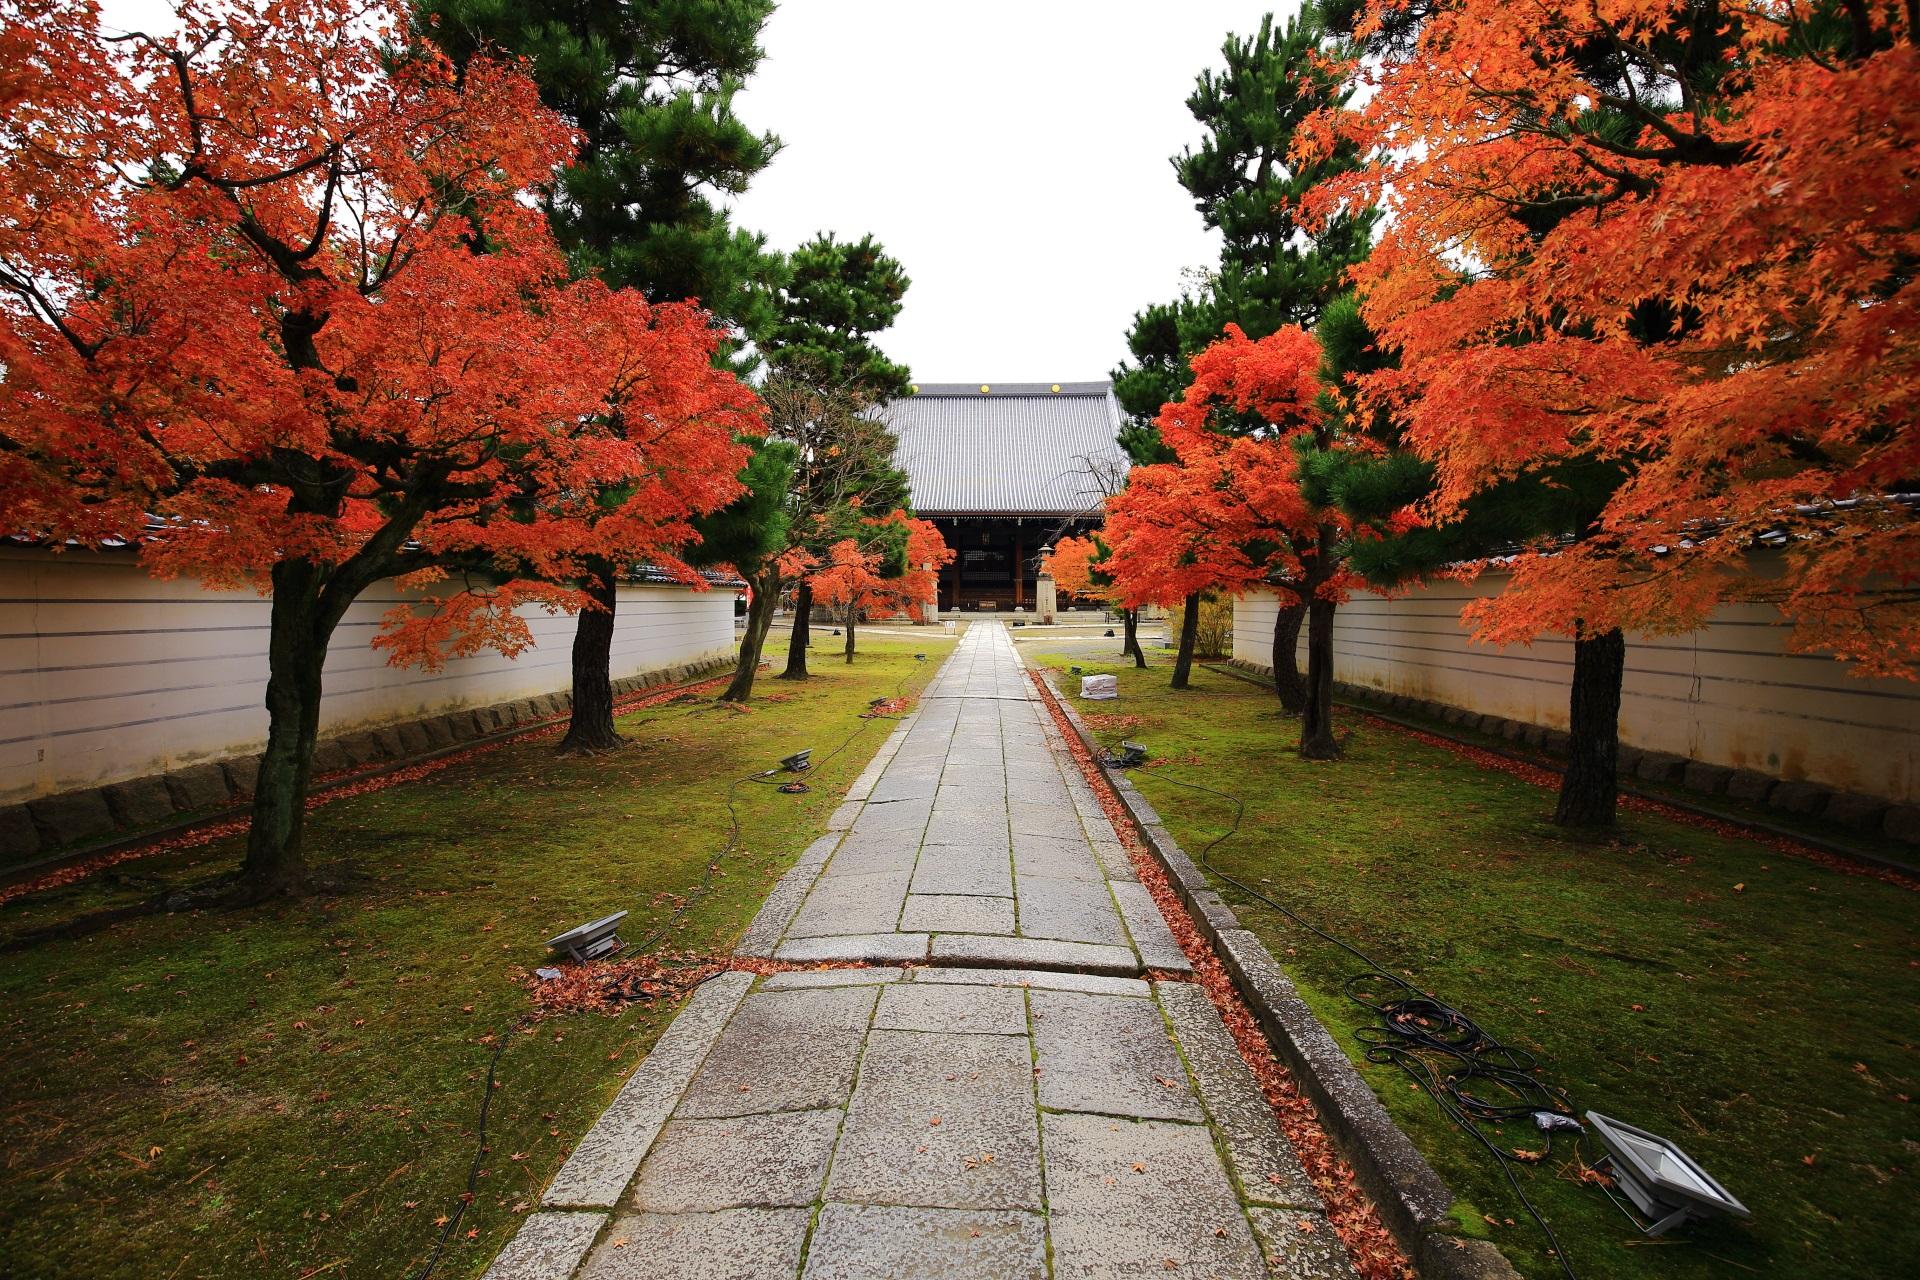 色づきが更に深まった妙顕寺の参道と本堂を彩る紅葉